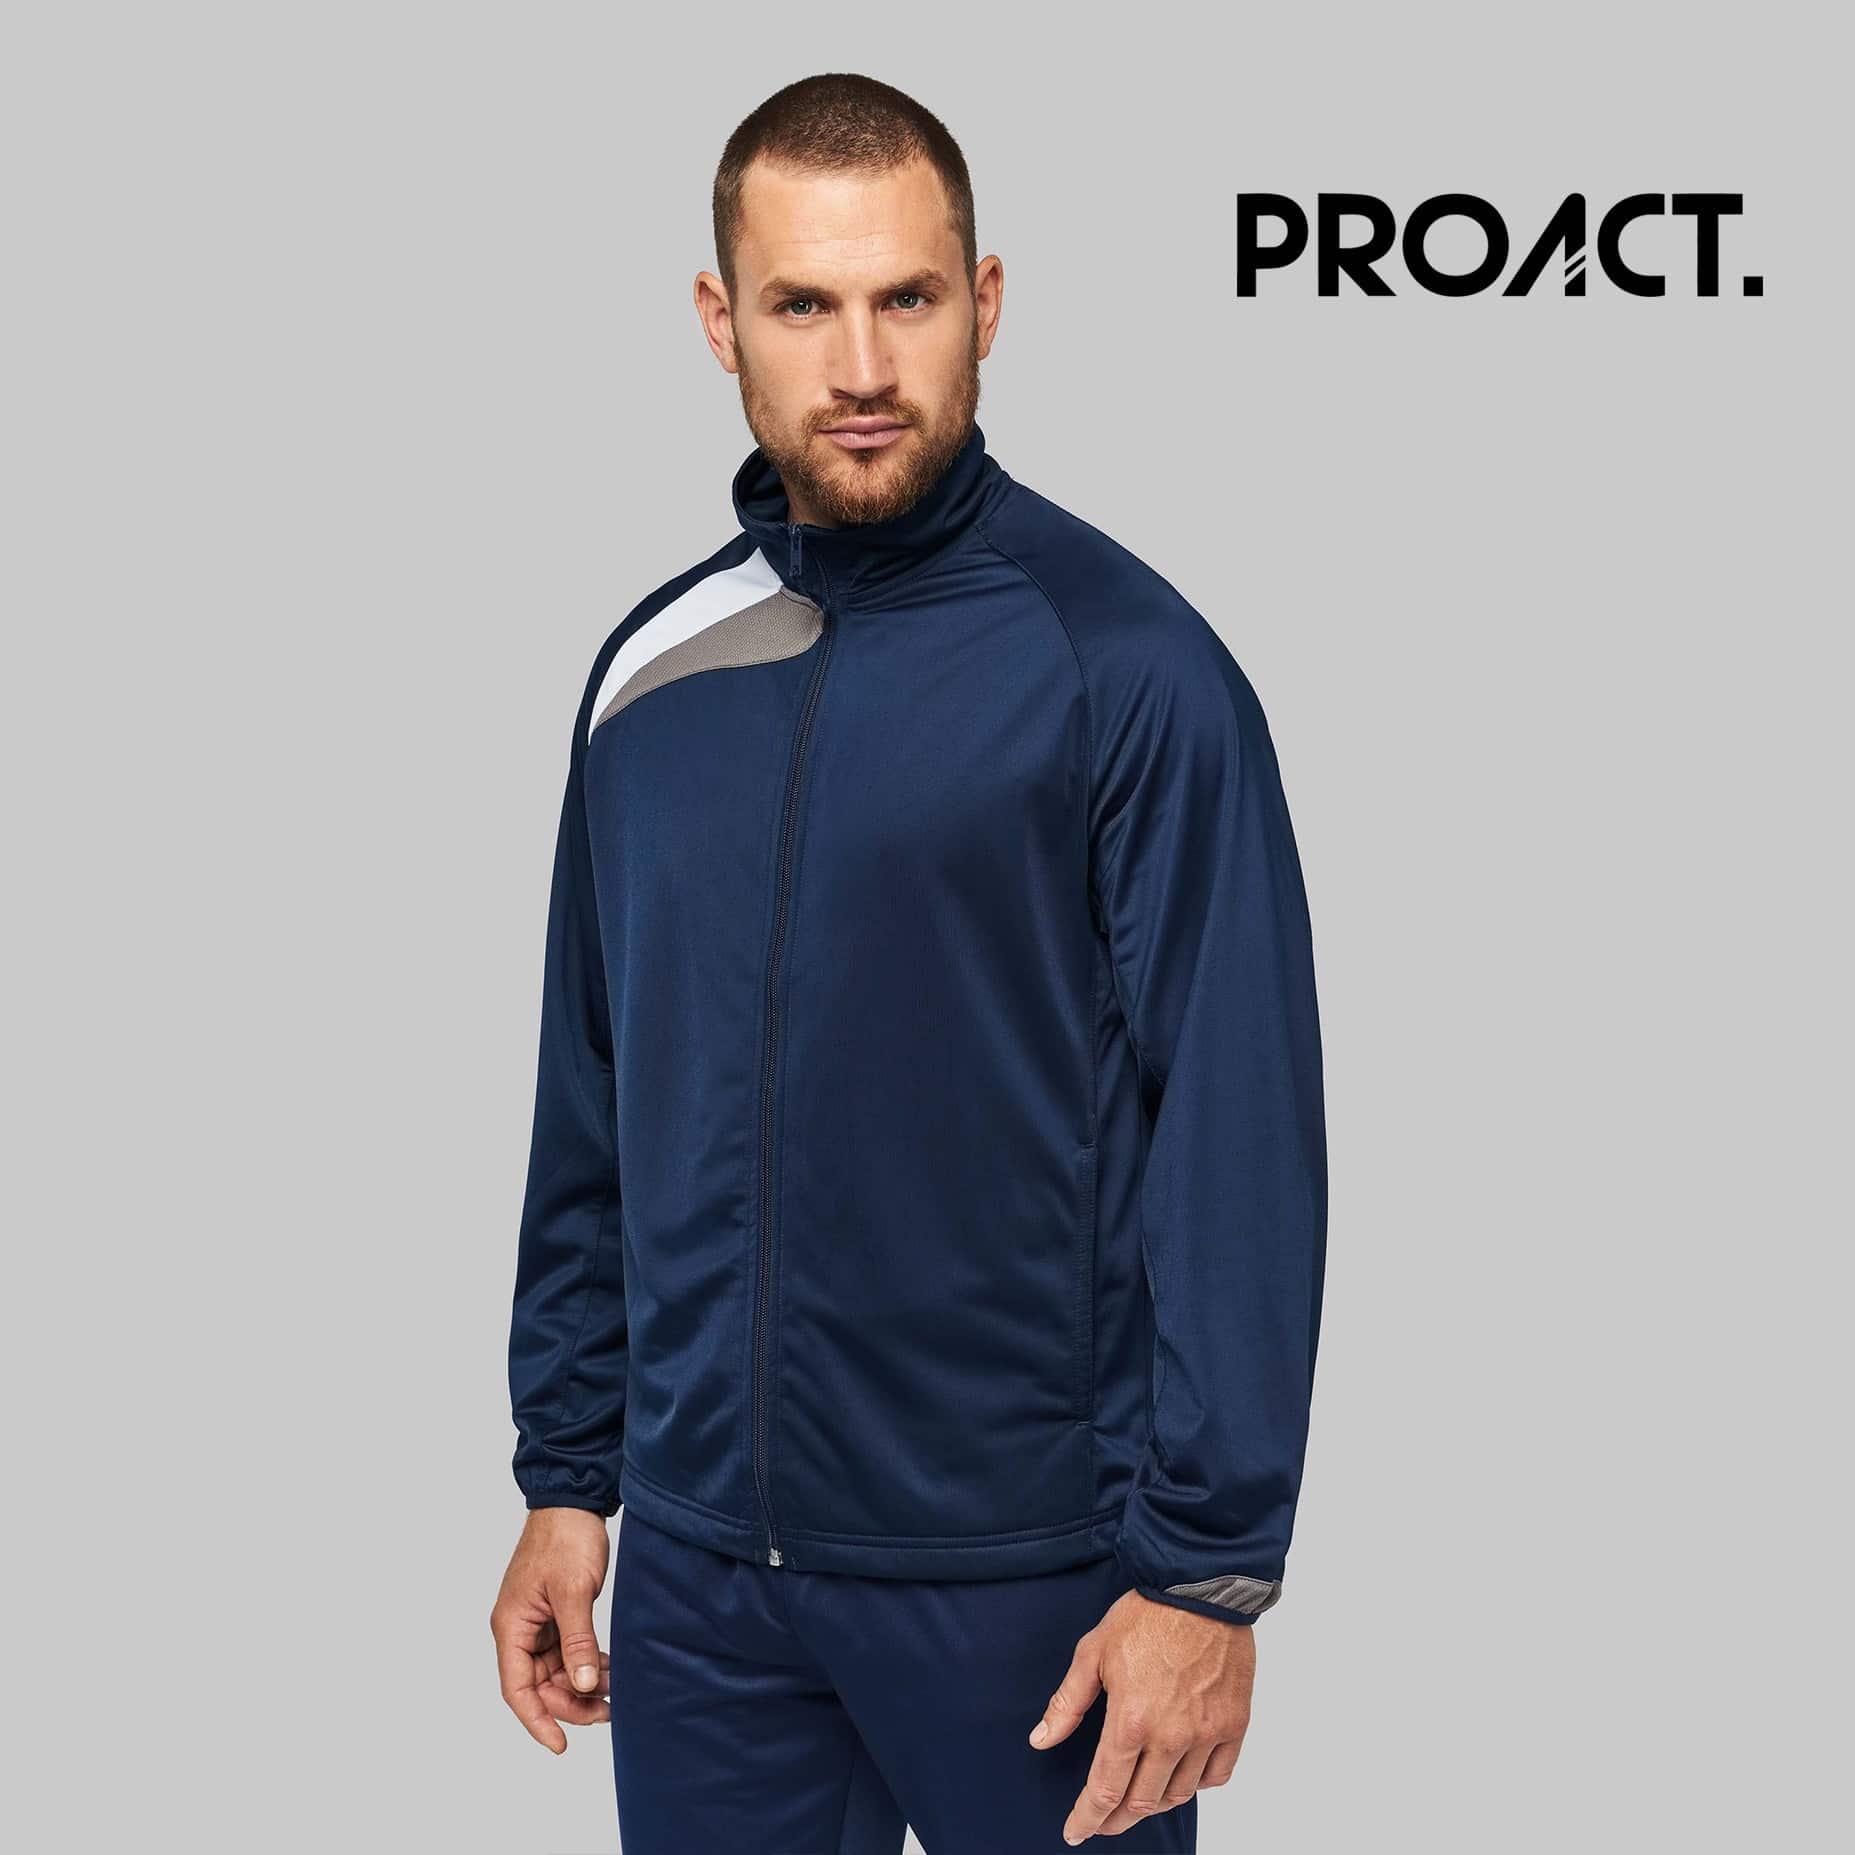 Uomo con maglia maniche lunghe blu 100% poliestere con zip tono su tono e polisini elasticizzati